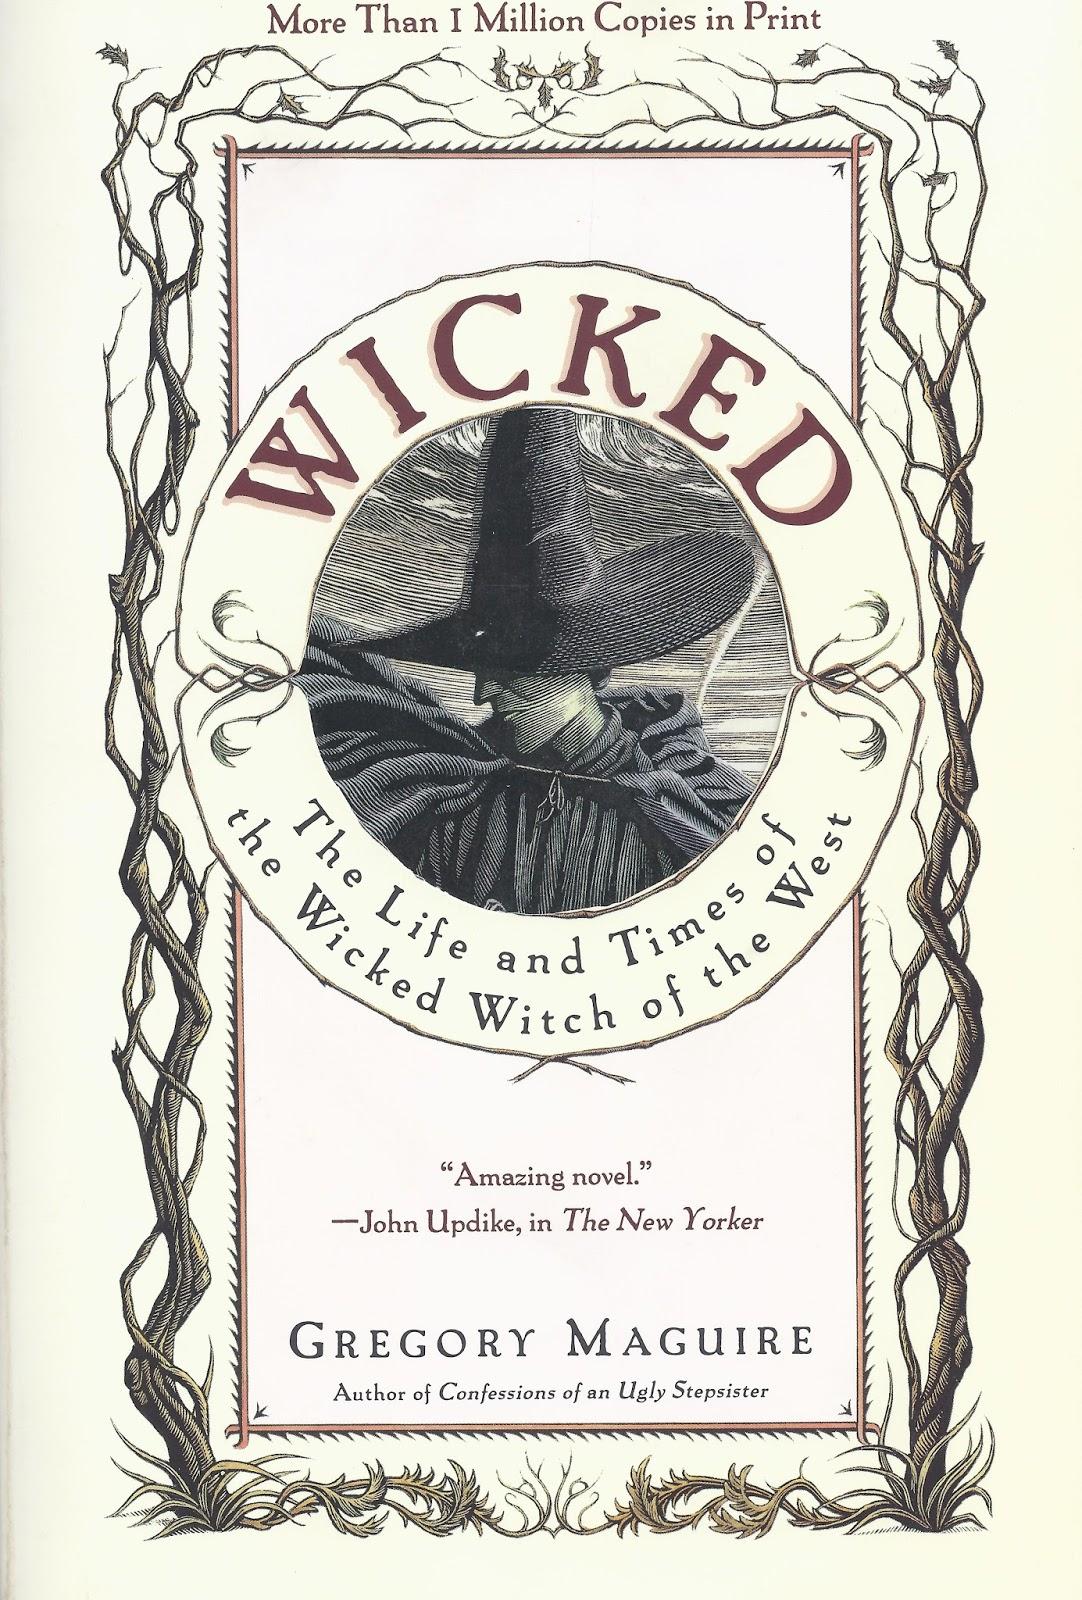 literatura, libro, wicked, gregory maguire, elphaba, galinda, glinda,mago de oz, reseña, bruja mala del oeste